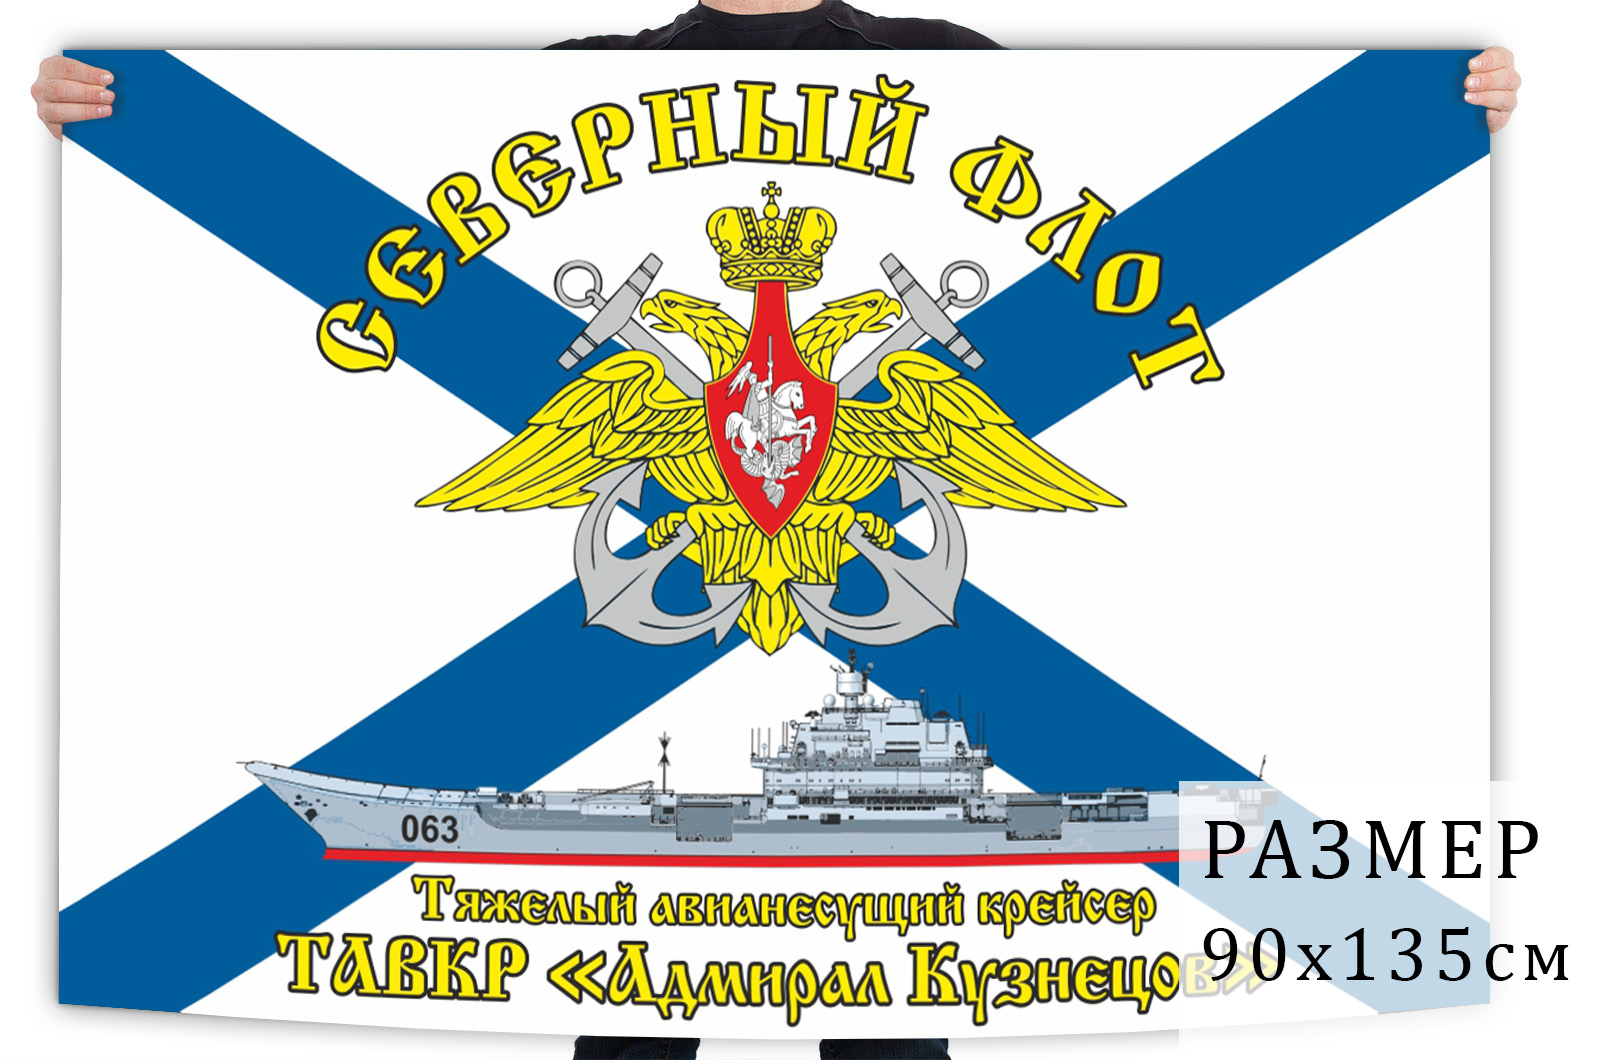 Купить в интернет магазине флаг ВМФ ТАВКР Адмирал Кузнецов